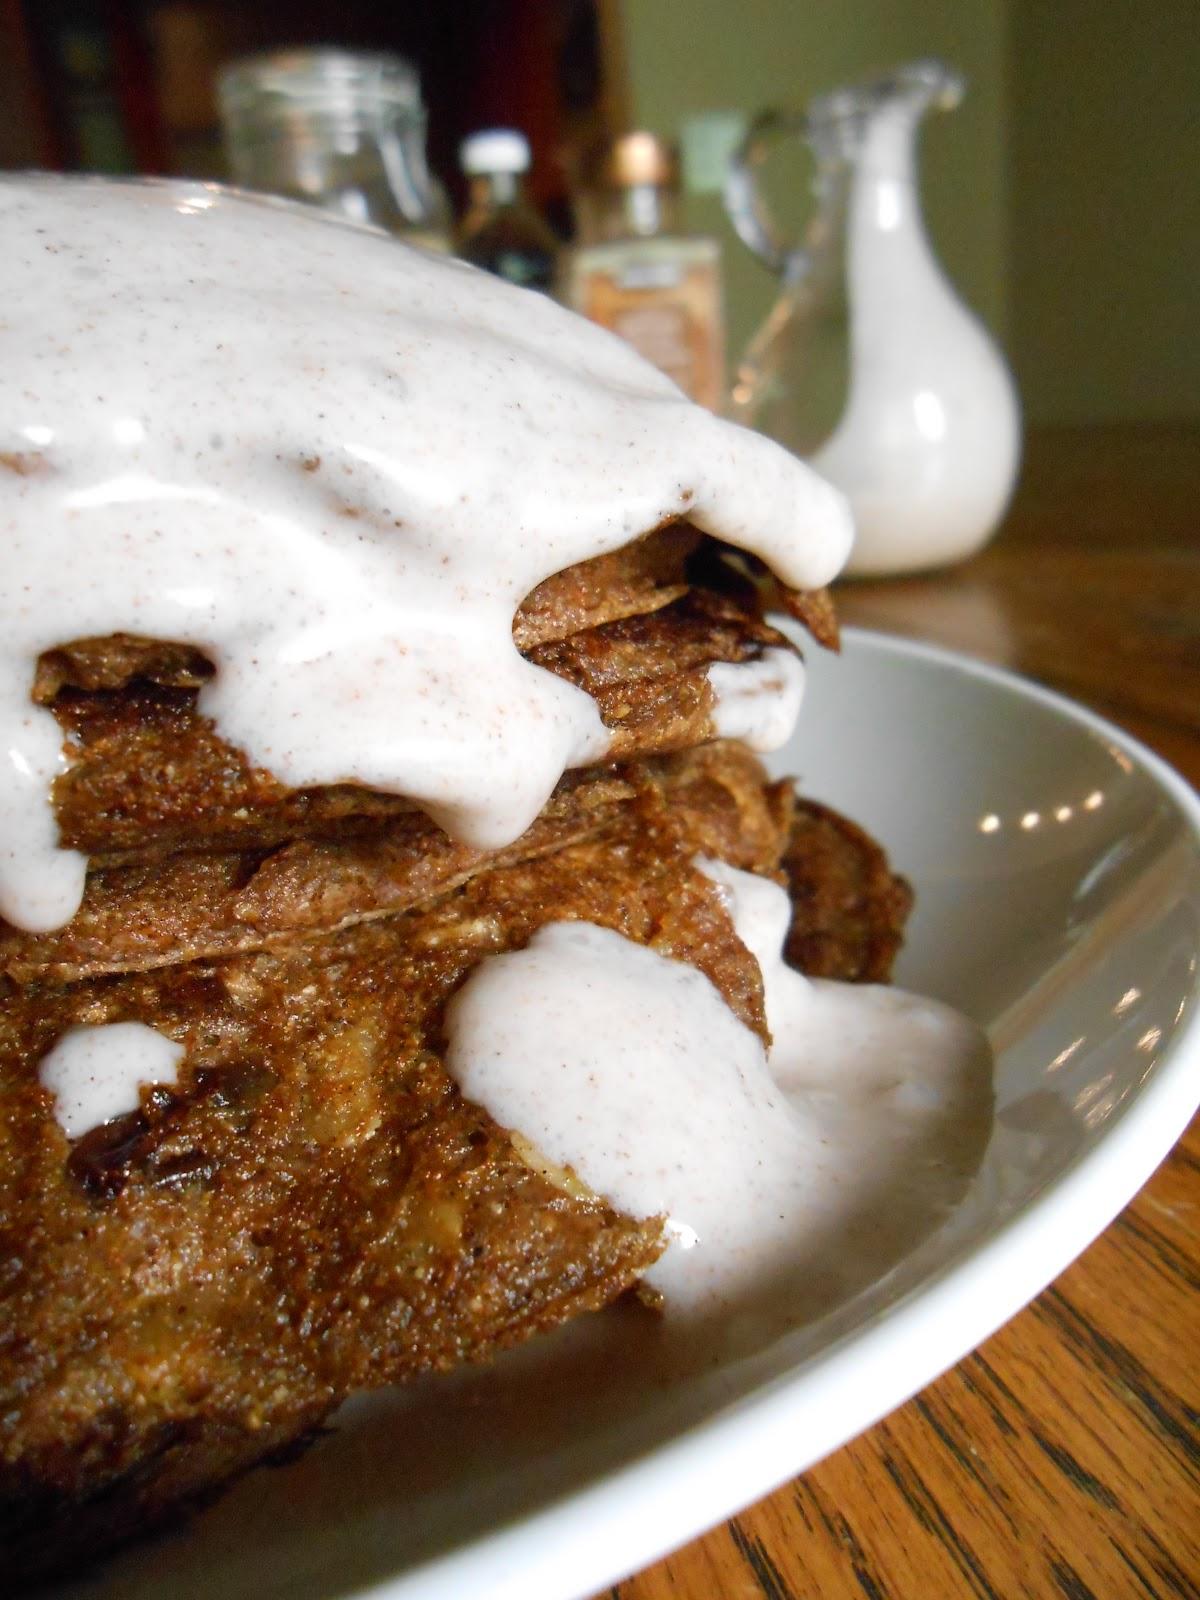 ... pancakes taste like cookies. Amazingly wonderful frosted cookies